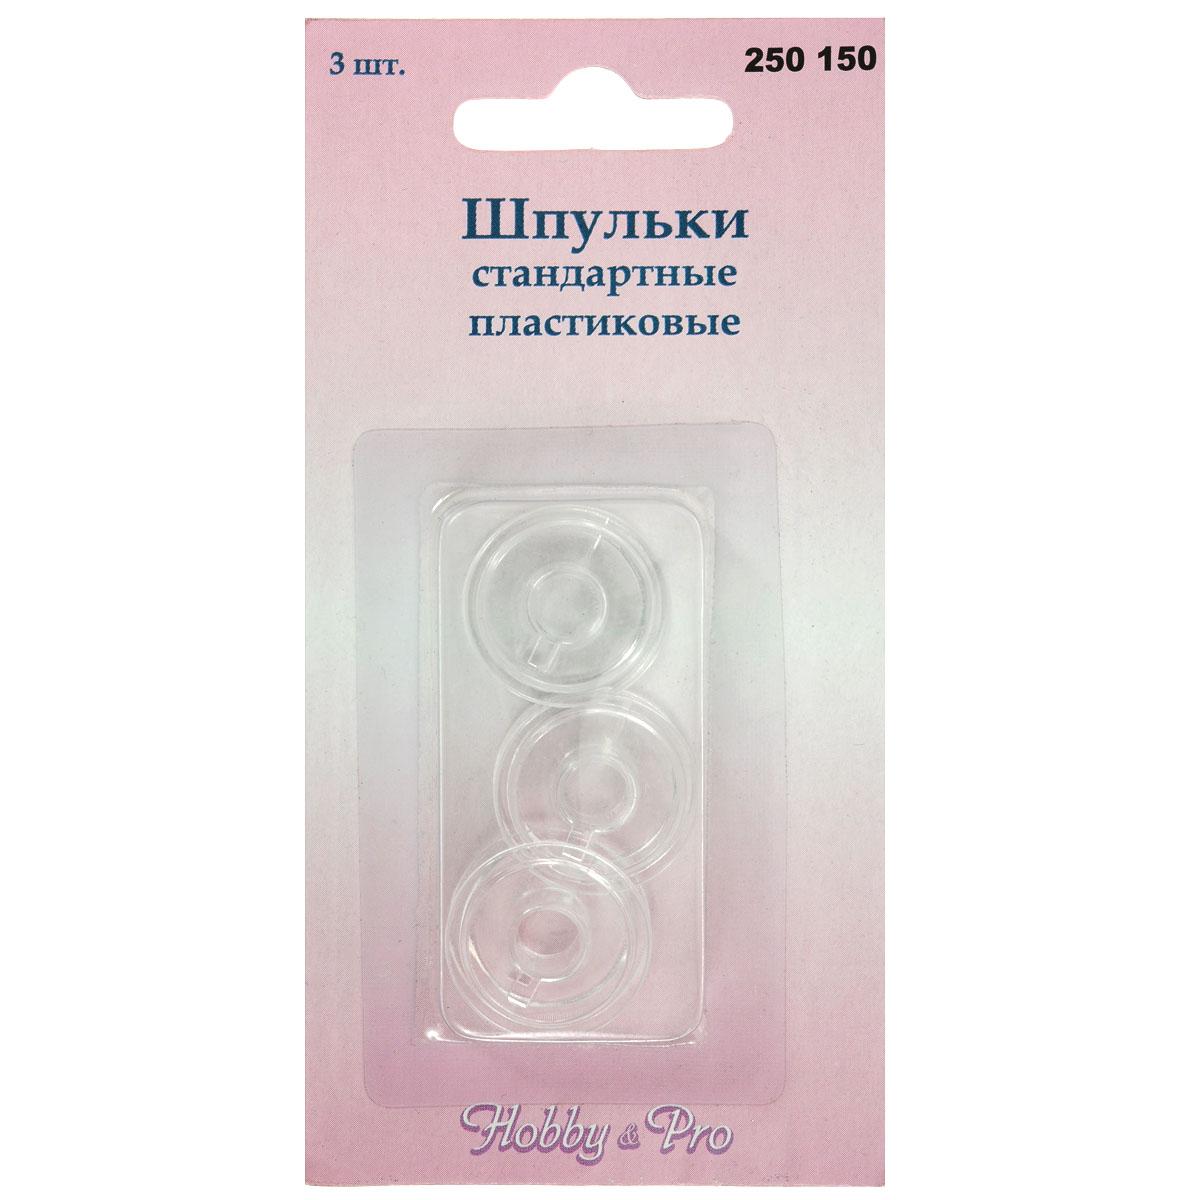 Шпулька стандартная Hobby & Pro, пластиковая, 3 шт7700581Шпулька стандартная Hobby & Pro изготовлена из прозрачного пластика. Шпулька подходит для большинства швейных машин, имеющих вертикальную загрузку шпулек. Изделие очень легкое и удобное в работе. Диаметр шпульки: 2 см. Высота шпульки: 1,3 см.